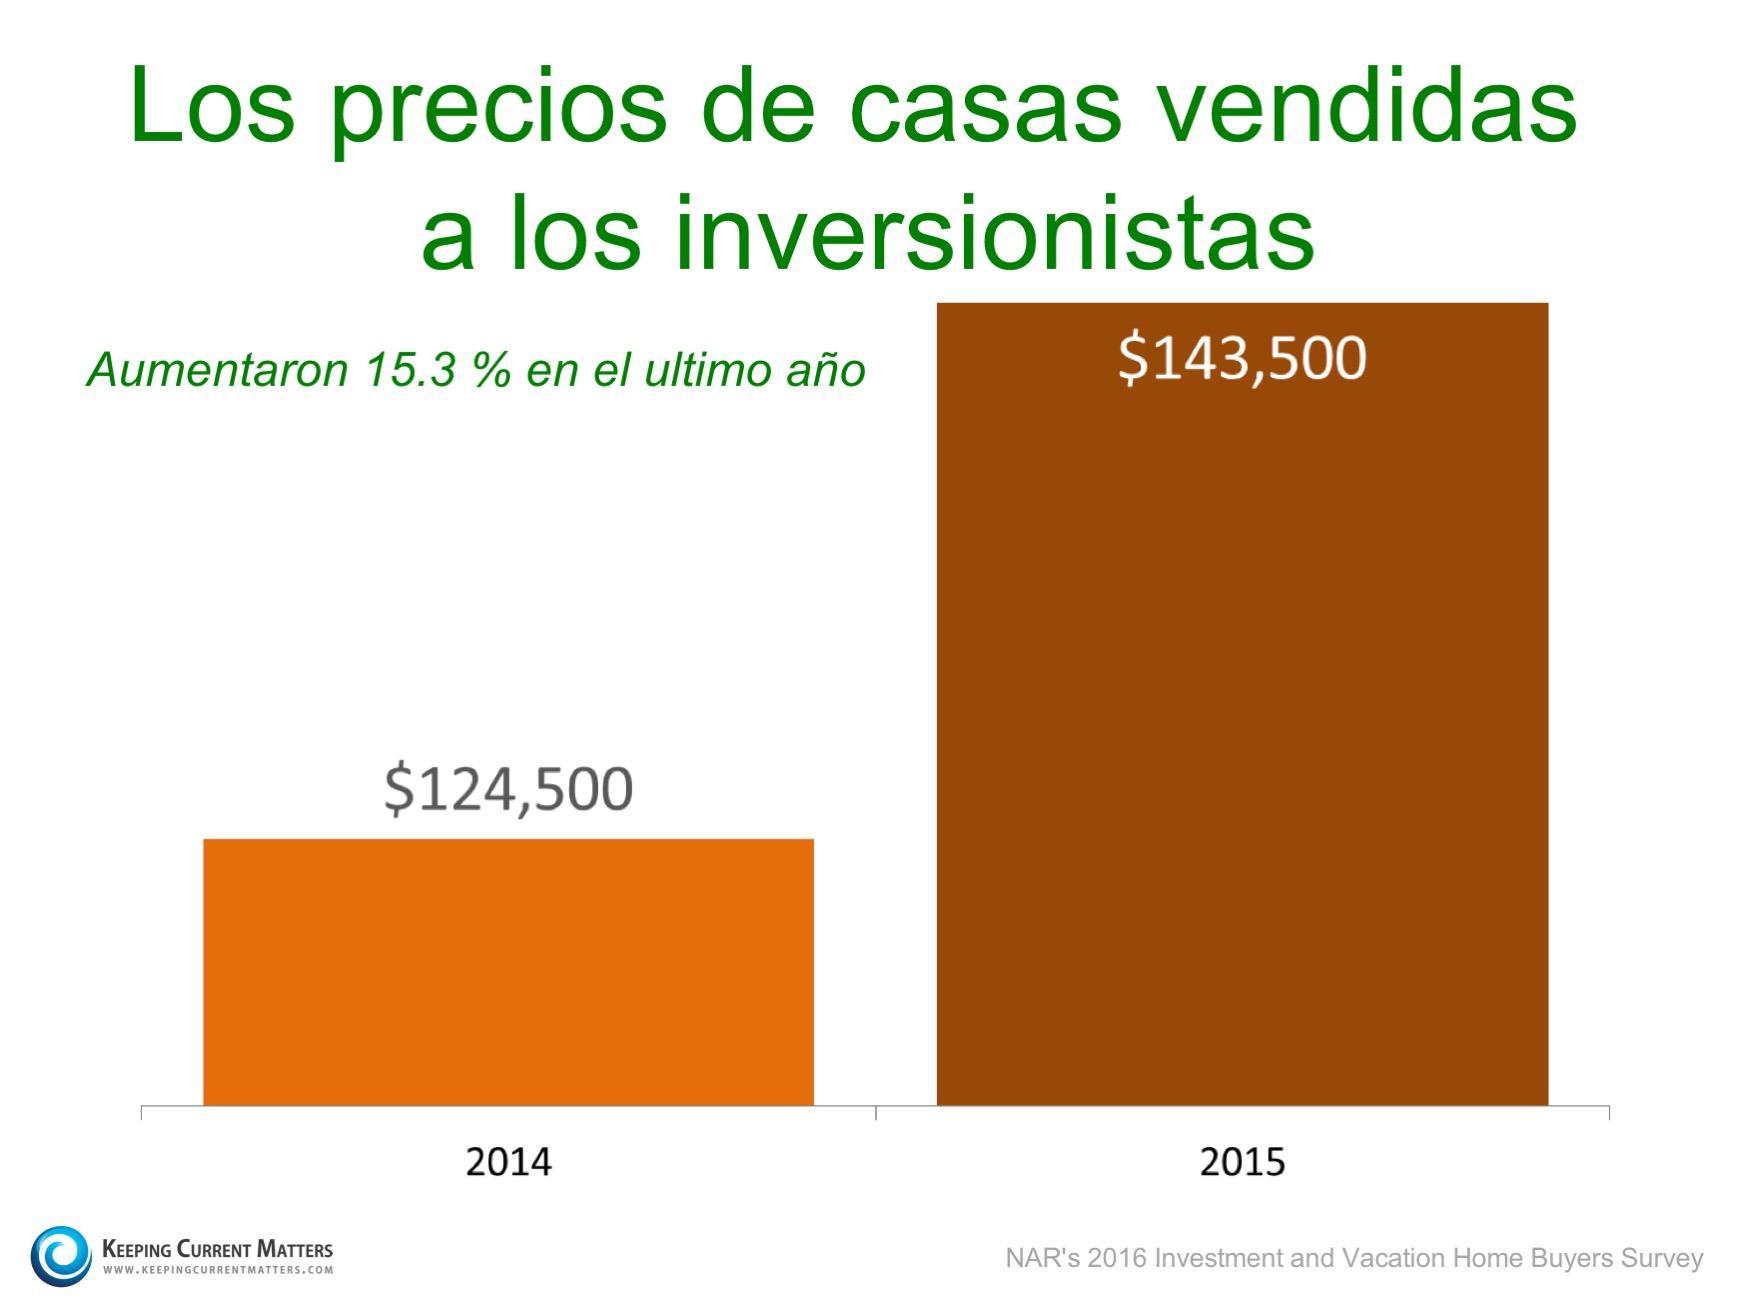 Inversionistas: más ventas y precios más altos| Keeping Current Matters